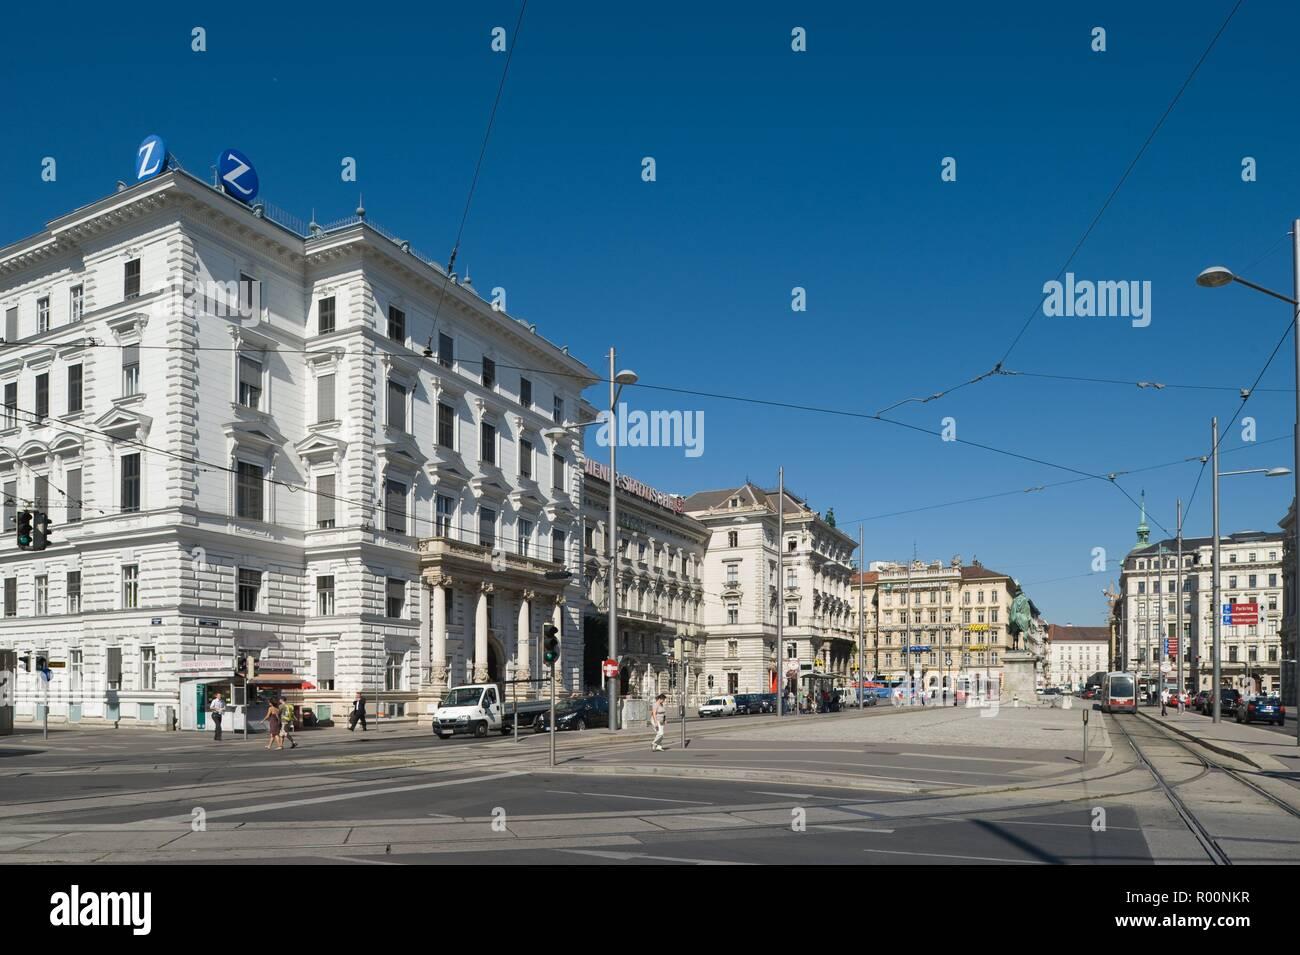 Wien Schwarzenbergplatz Stock Photo 223751803 Alamy